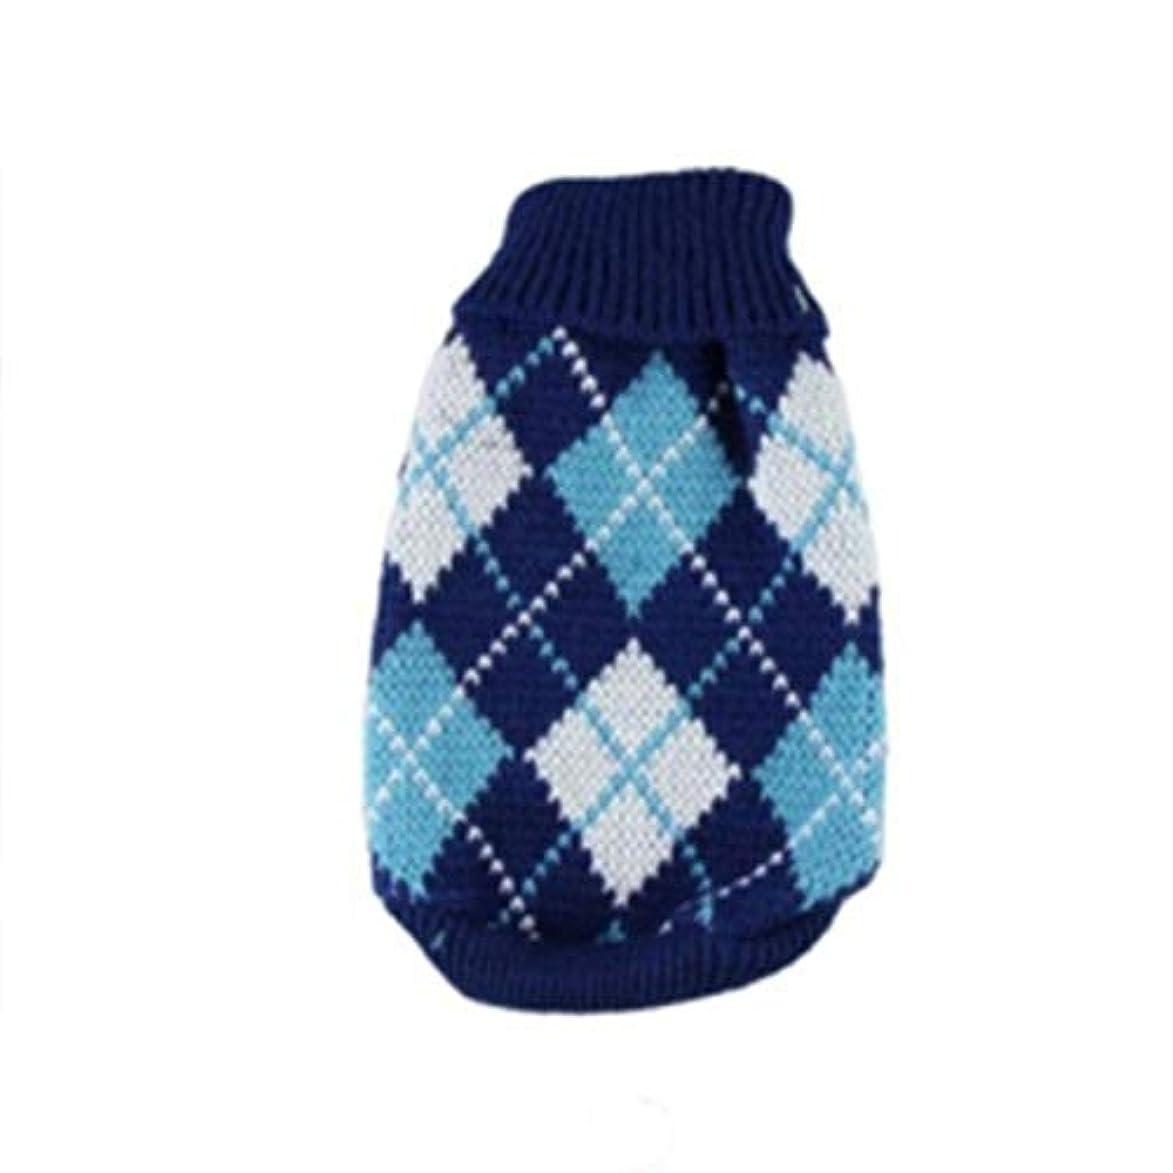 意味する牽引記憶に残るSaikogoods 軽量ペットの暖かいセーターユニバーサル犬服ファッションソフト犬服ハイカラー快適なペットのコート 青 XS